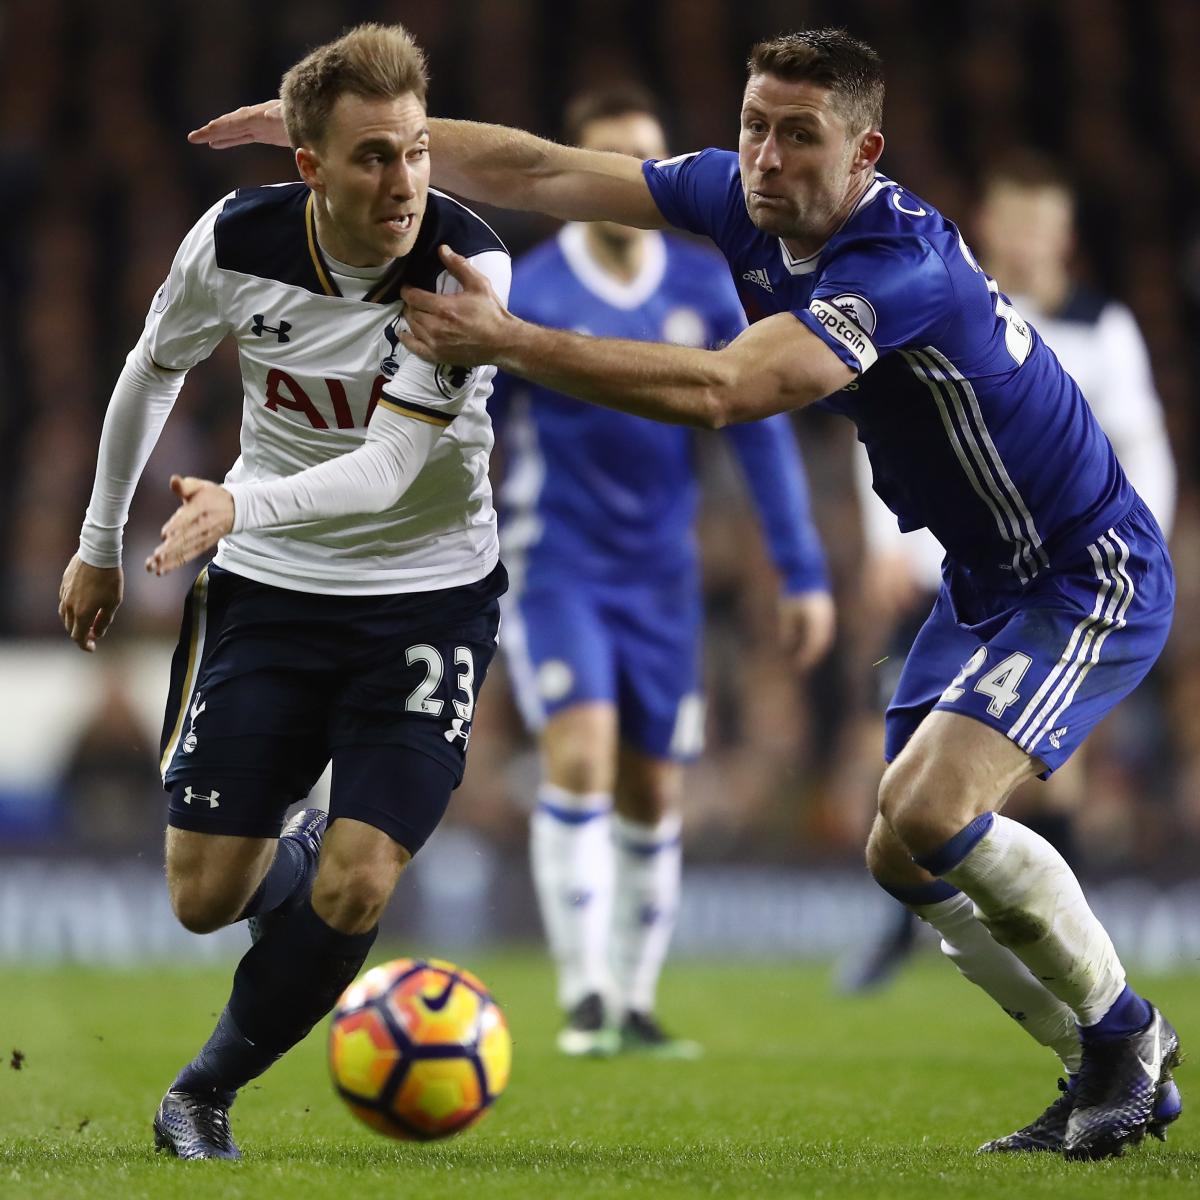 Arsenal Vs Tottenham Live Score Highlights From Premier: Tottenham Vs. Chelsea: Live Score, Highlights From Premier